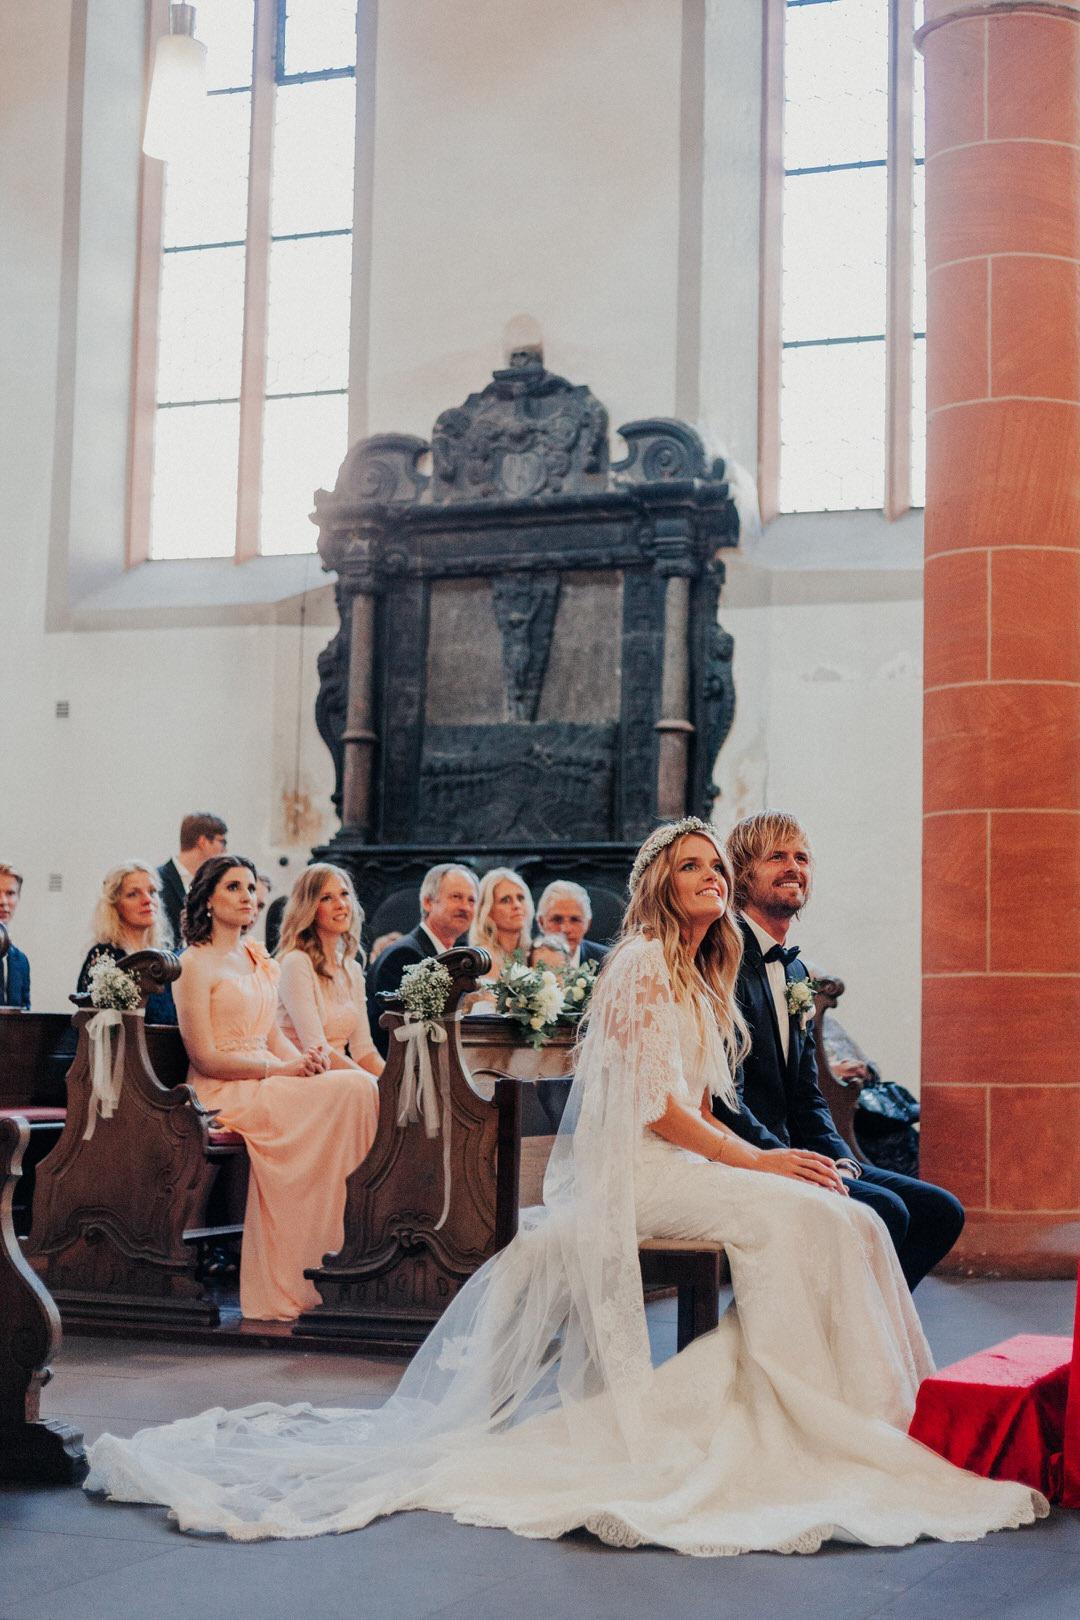 Hochzeitsfotograf bei einer Trauung in der Limburger Altstadt